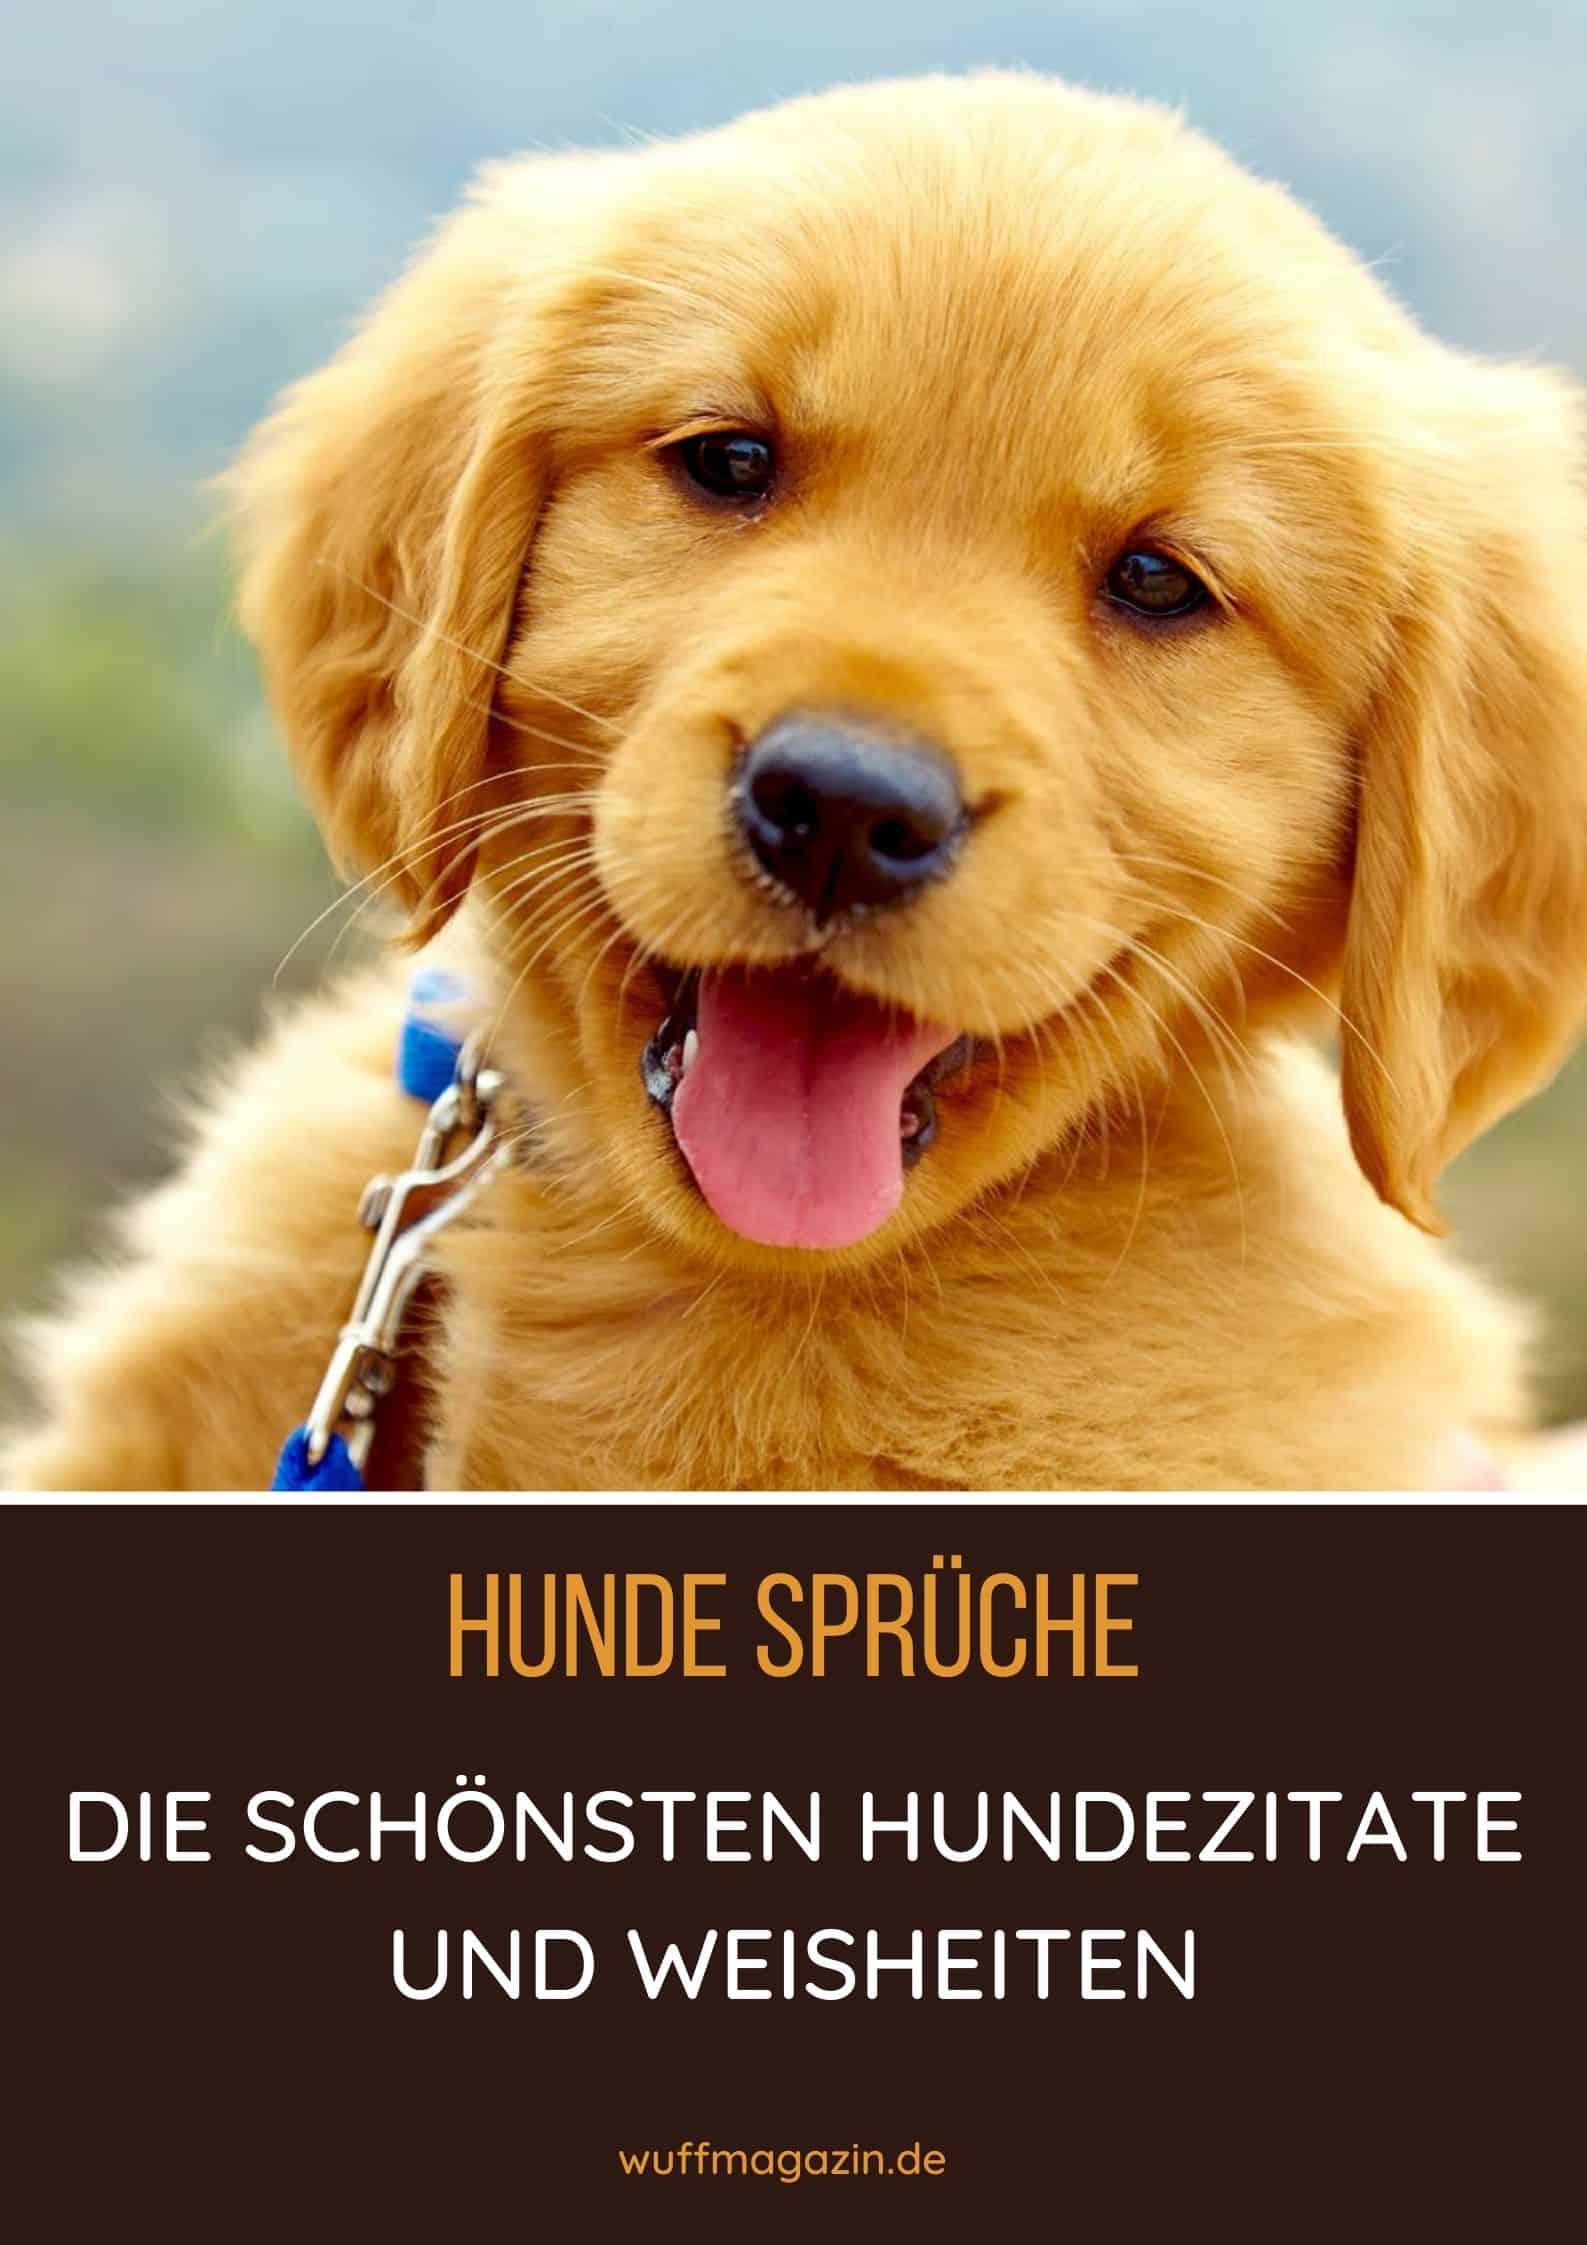 Hunde Sprüche: Die Schönsten Hundezitate Und Weisheiten